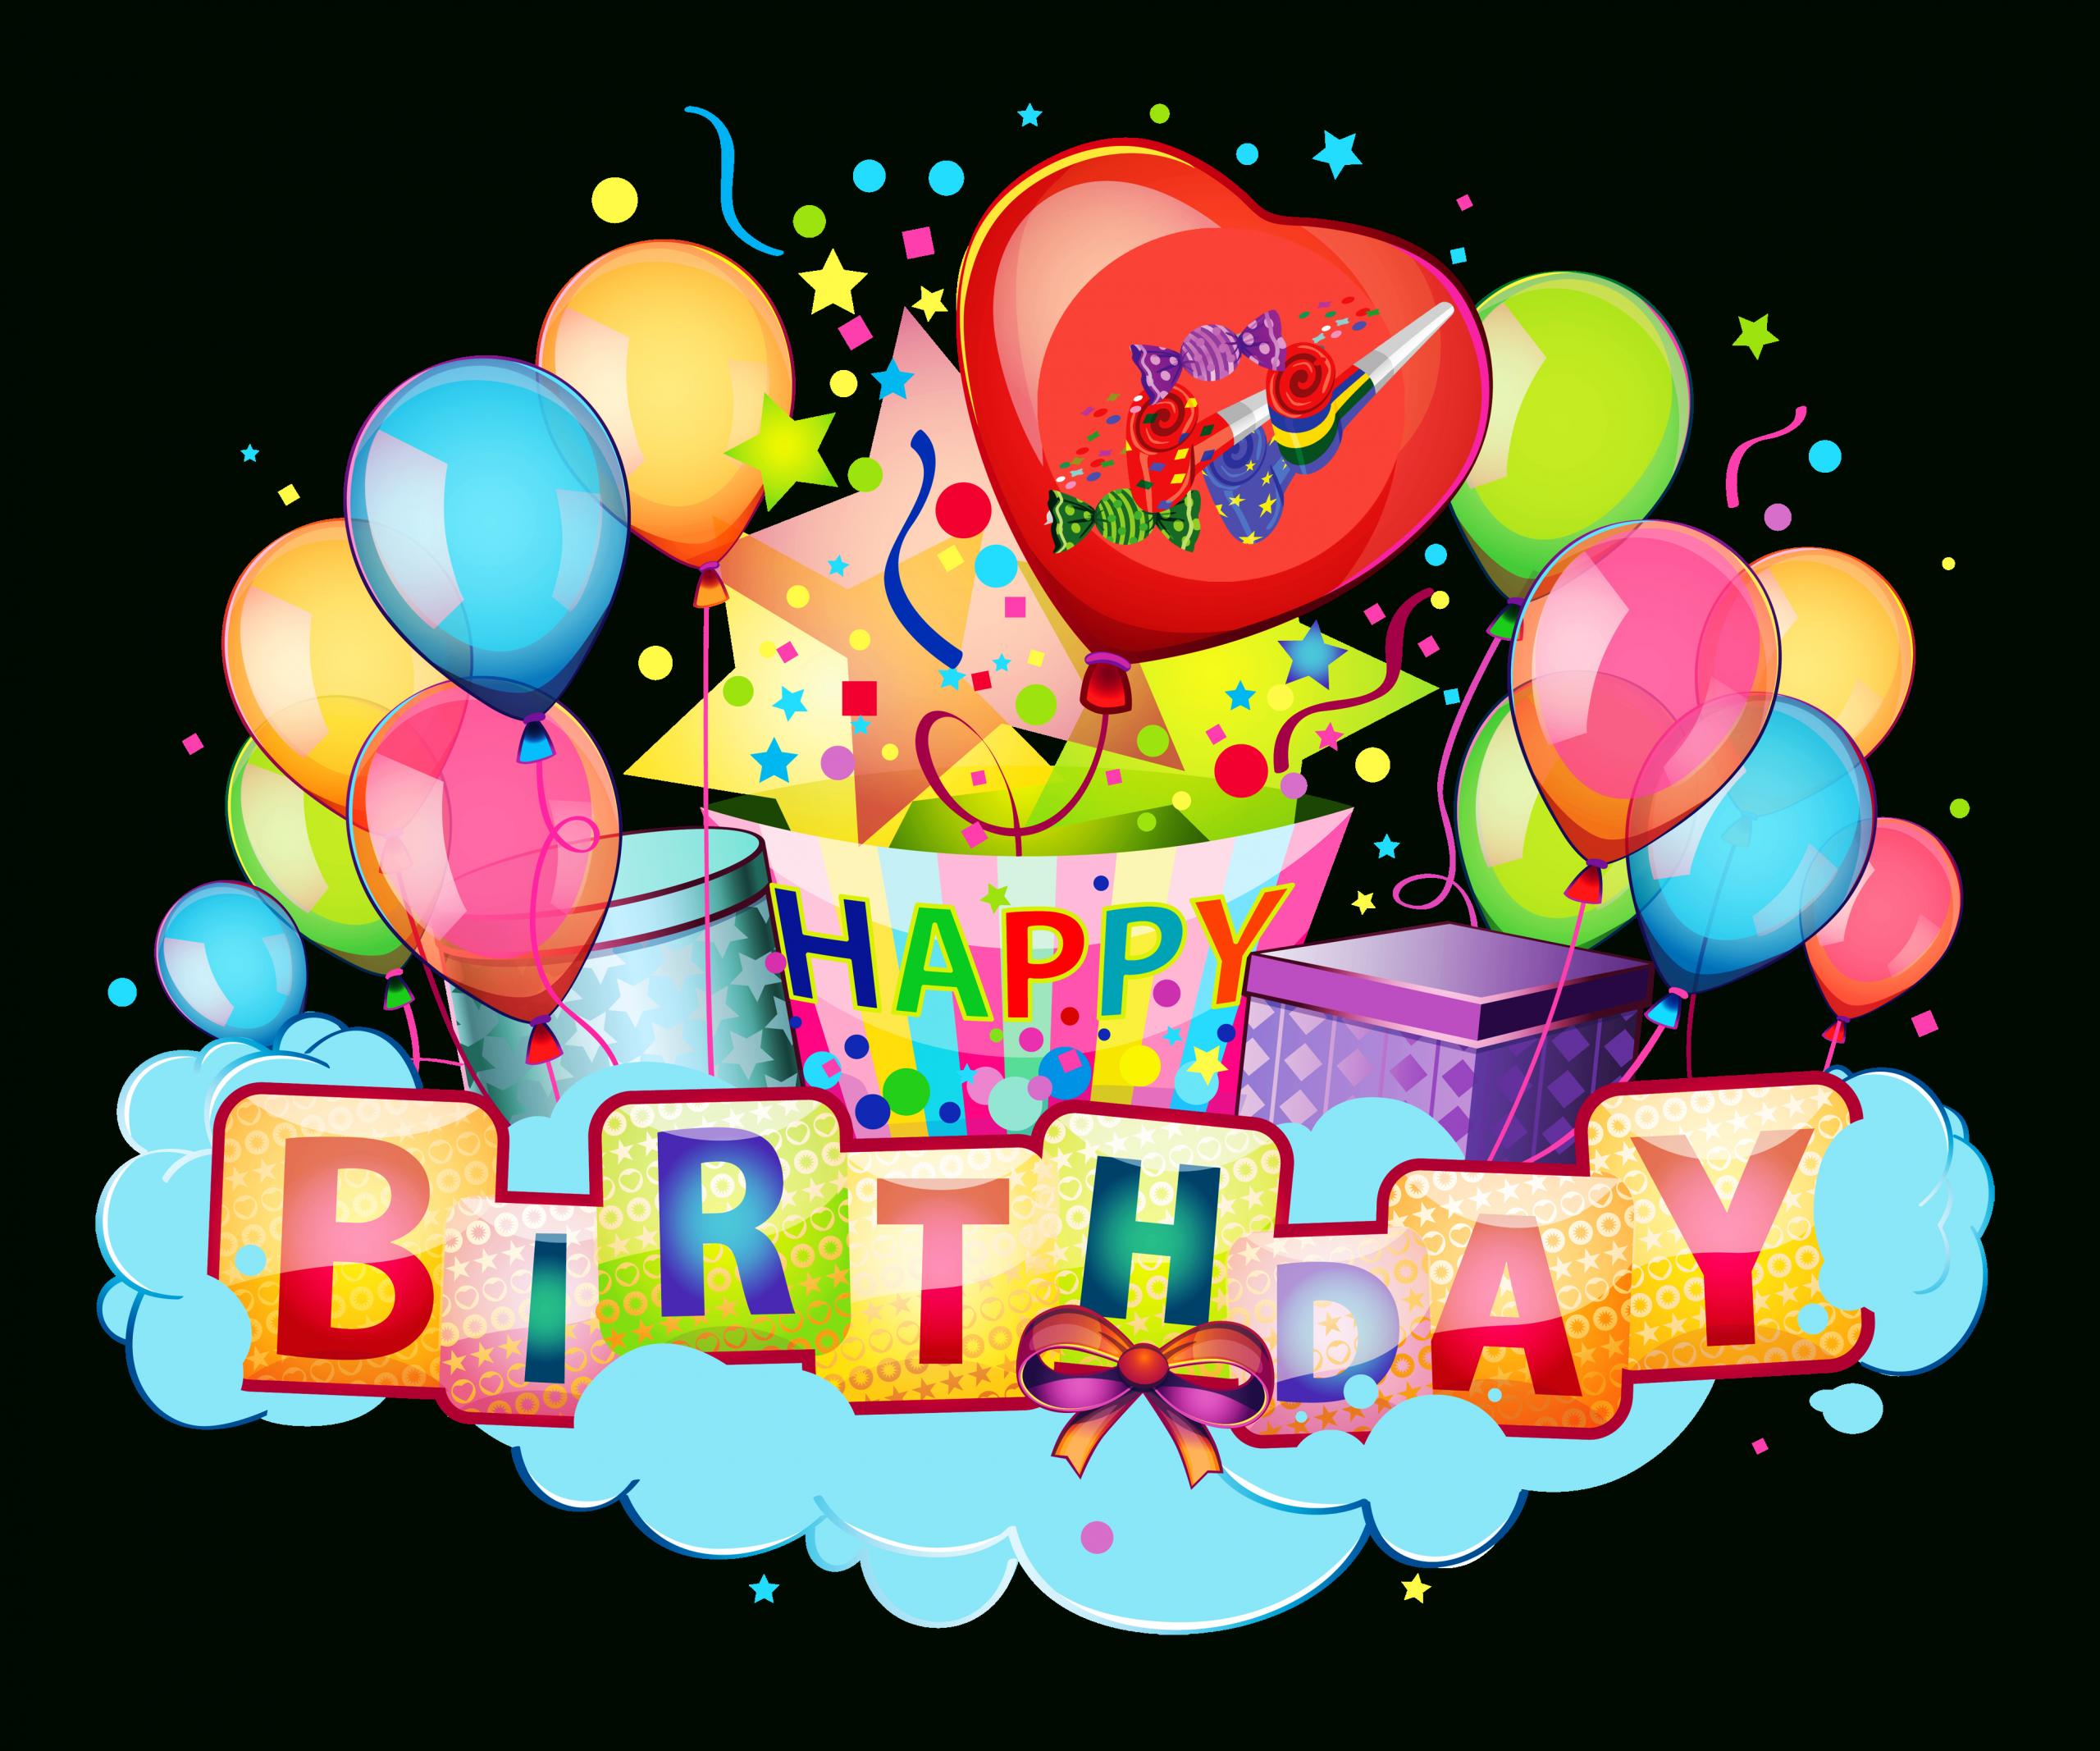 Library Of Clips Zum Geburtstag Kostenlos Png Files über Clipart Geburtstag Kostenlos